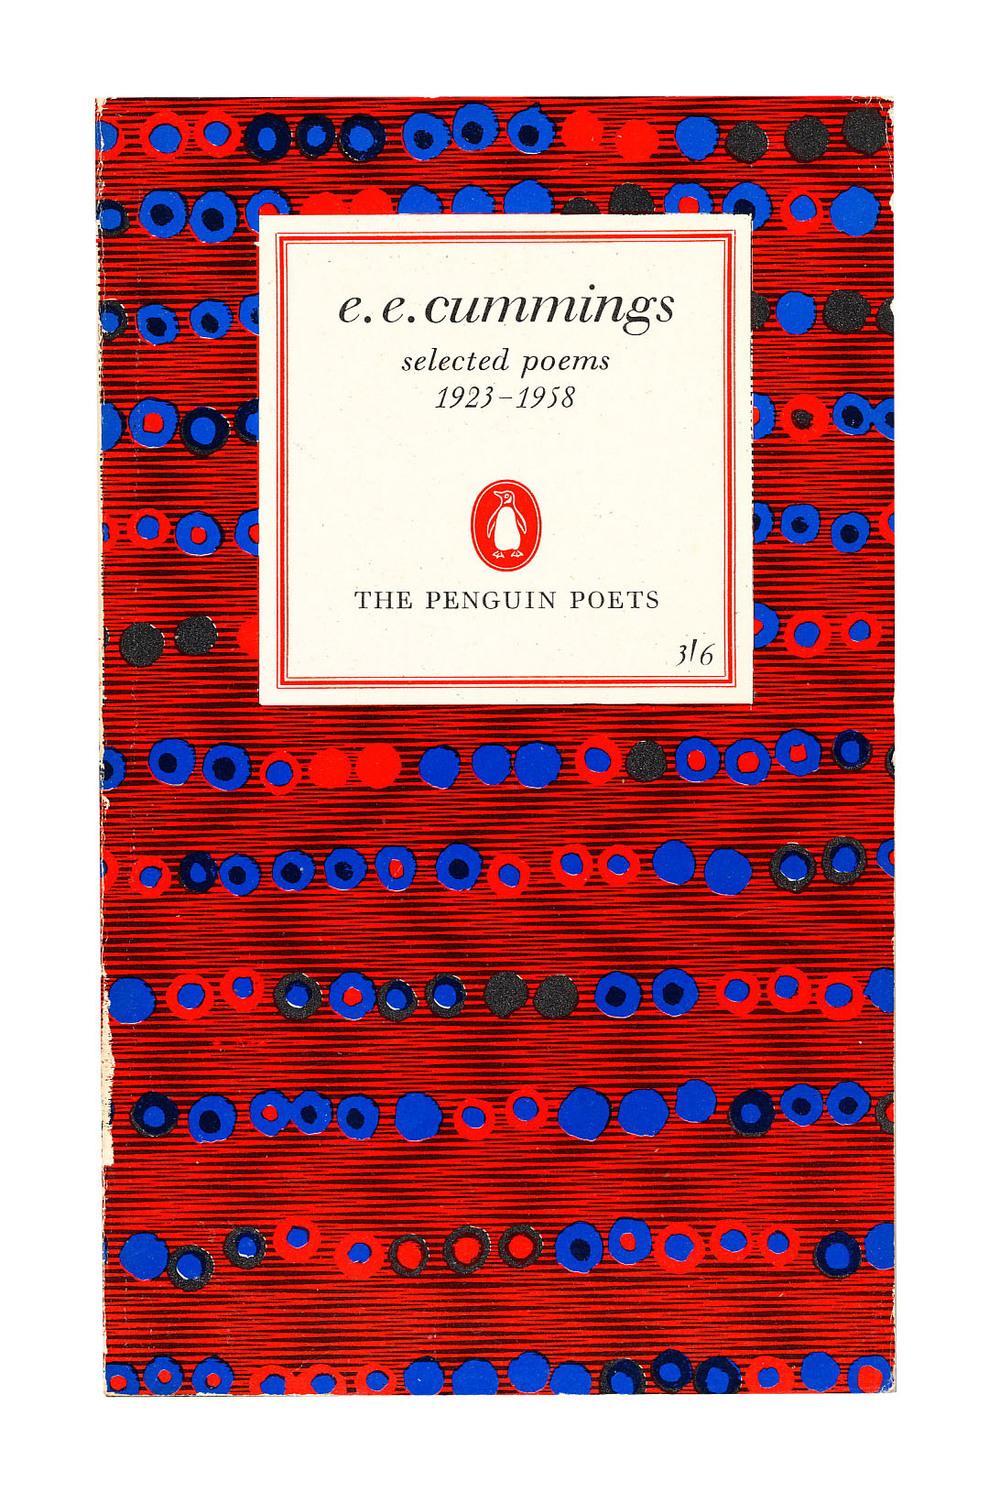 EE Cummings1 for Etsy.jpg